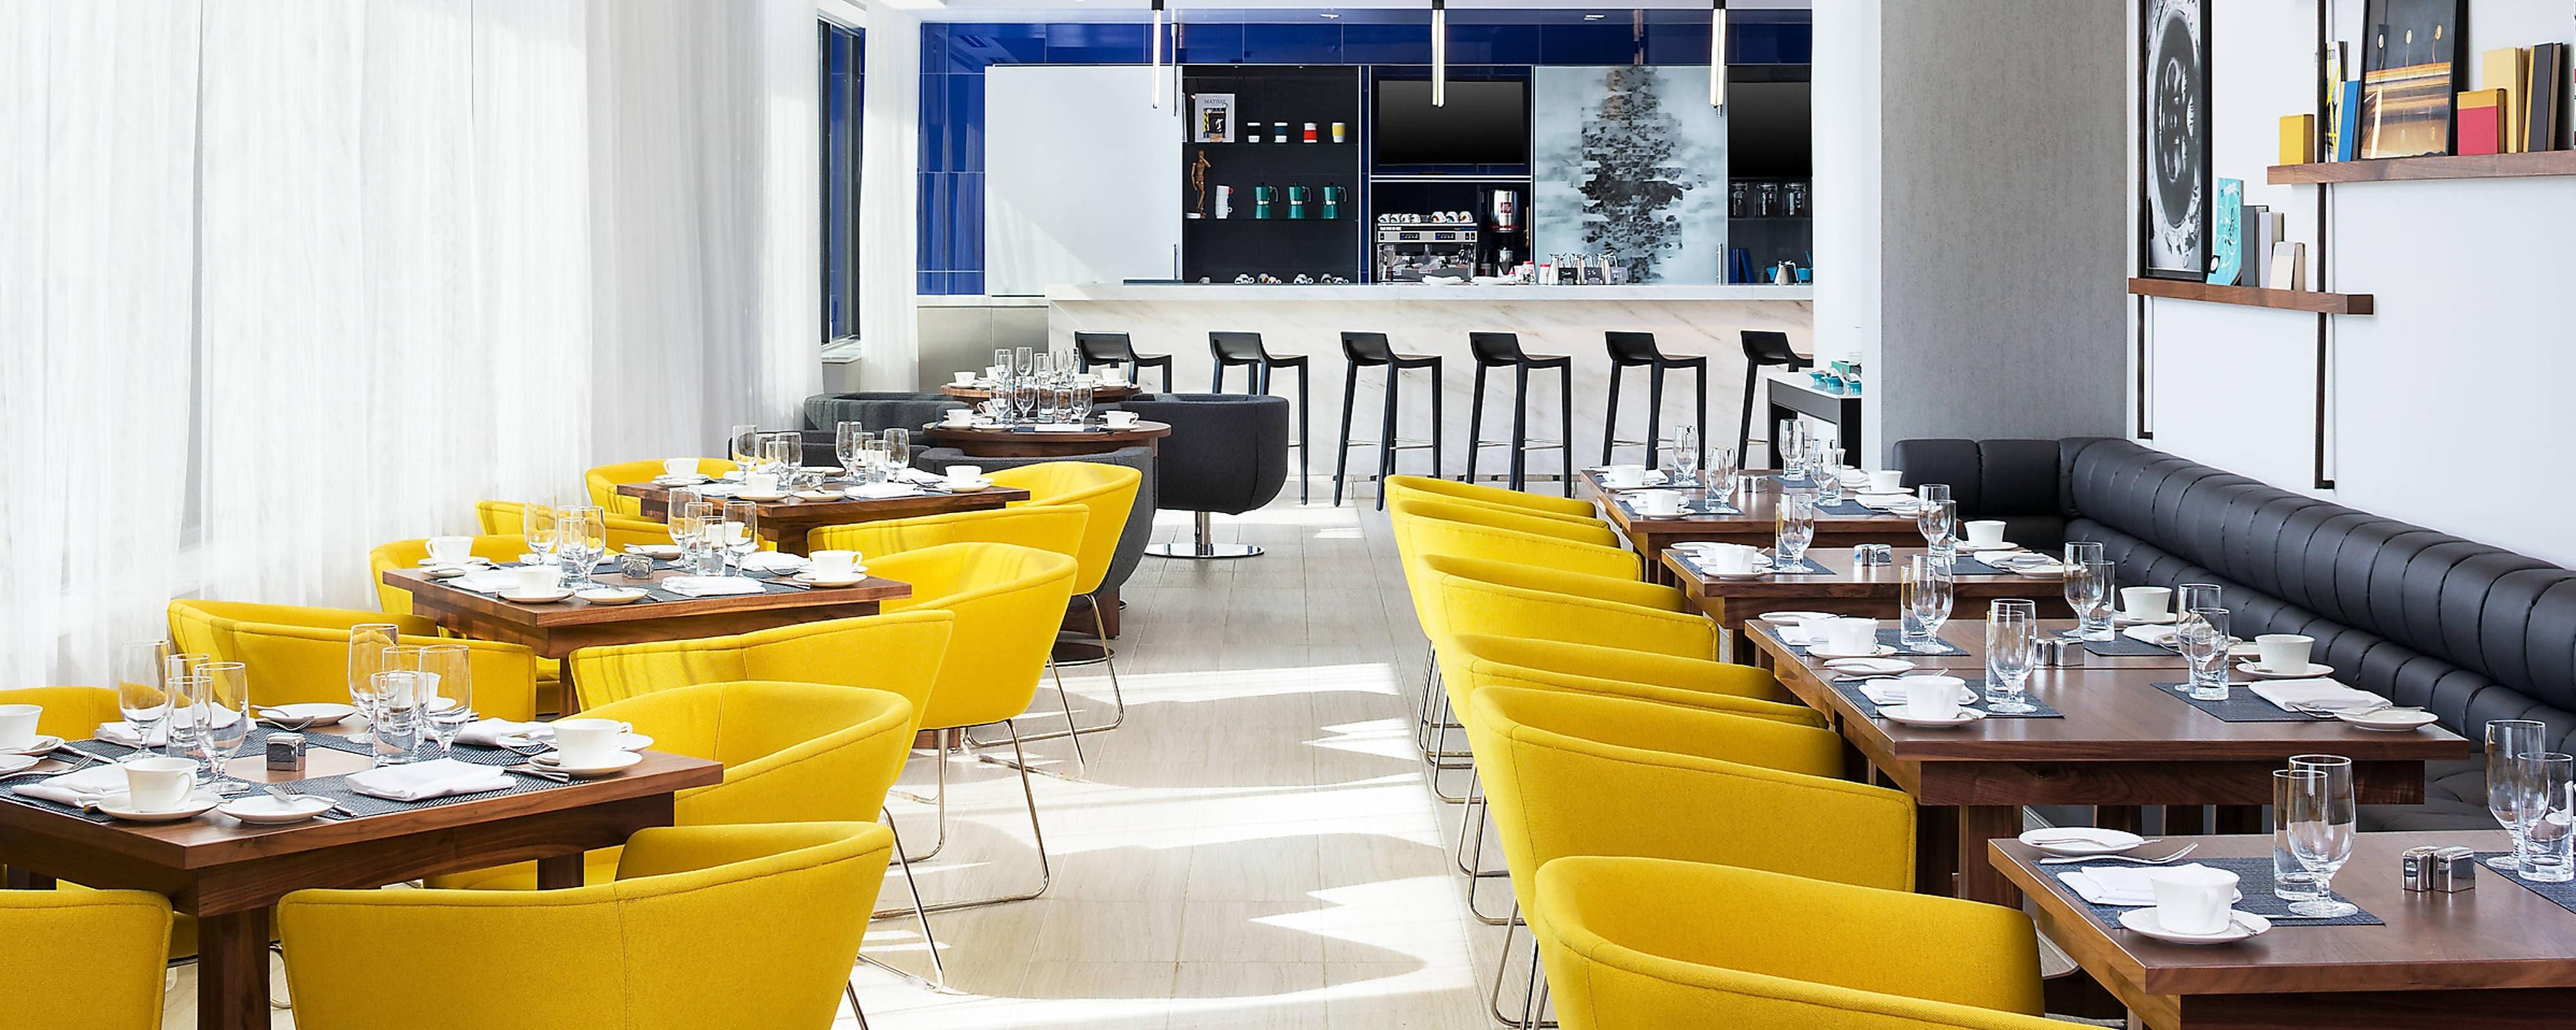 Restaurante Longitude 87